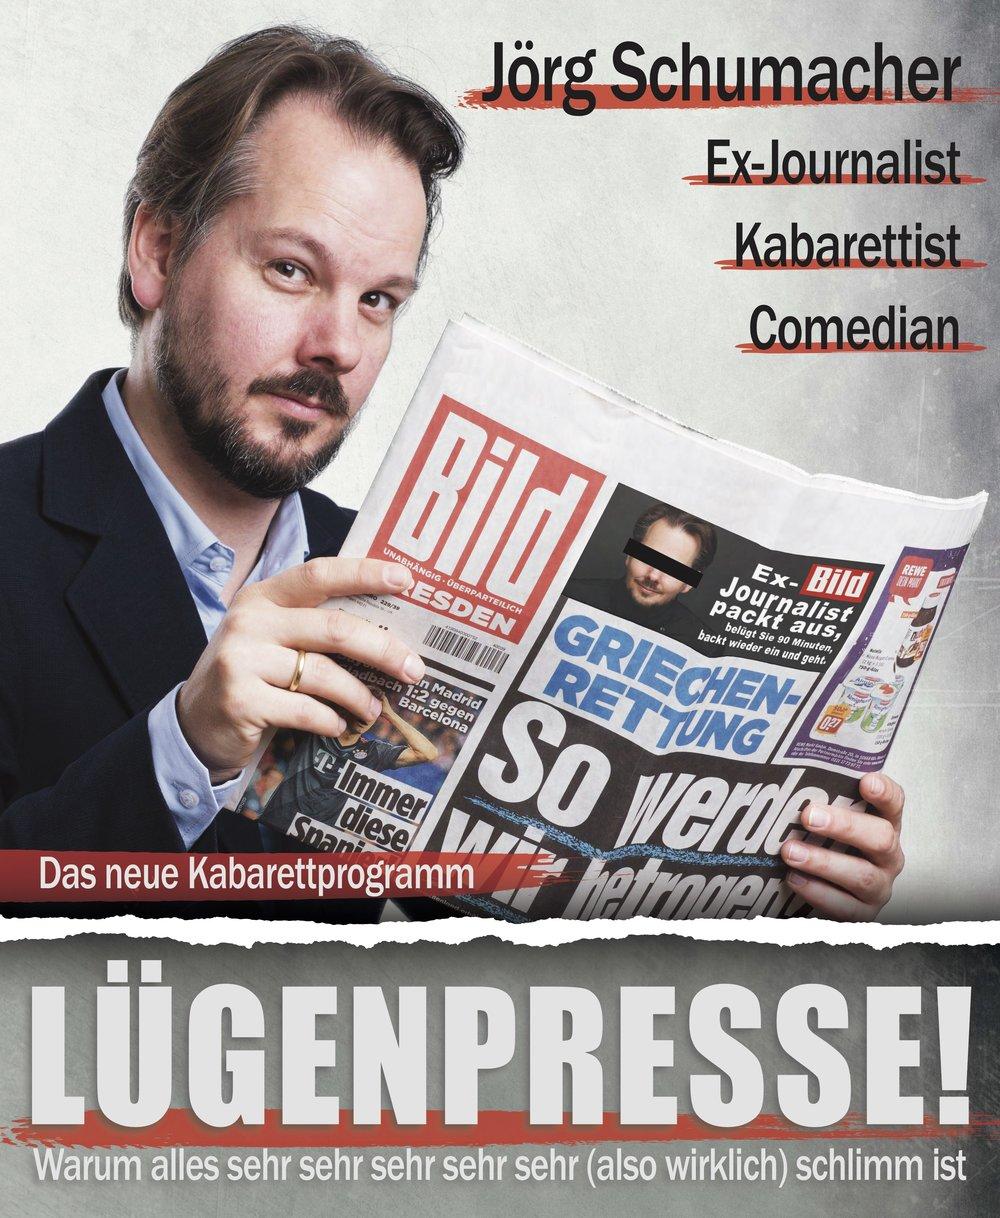 Lügenpresse - Kabarett.jpg